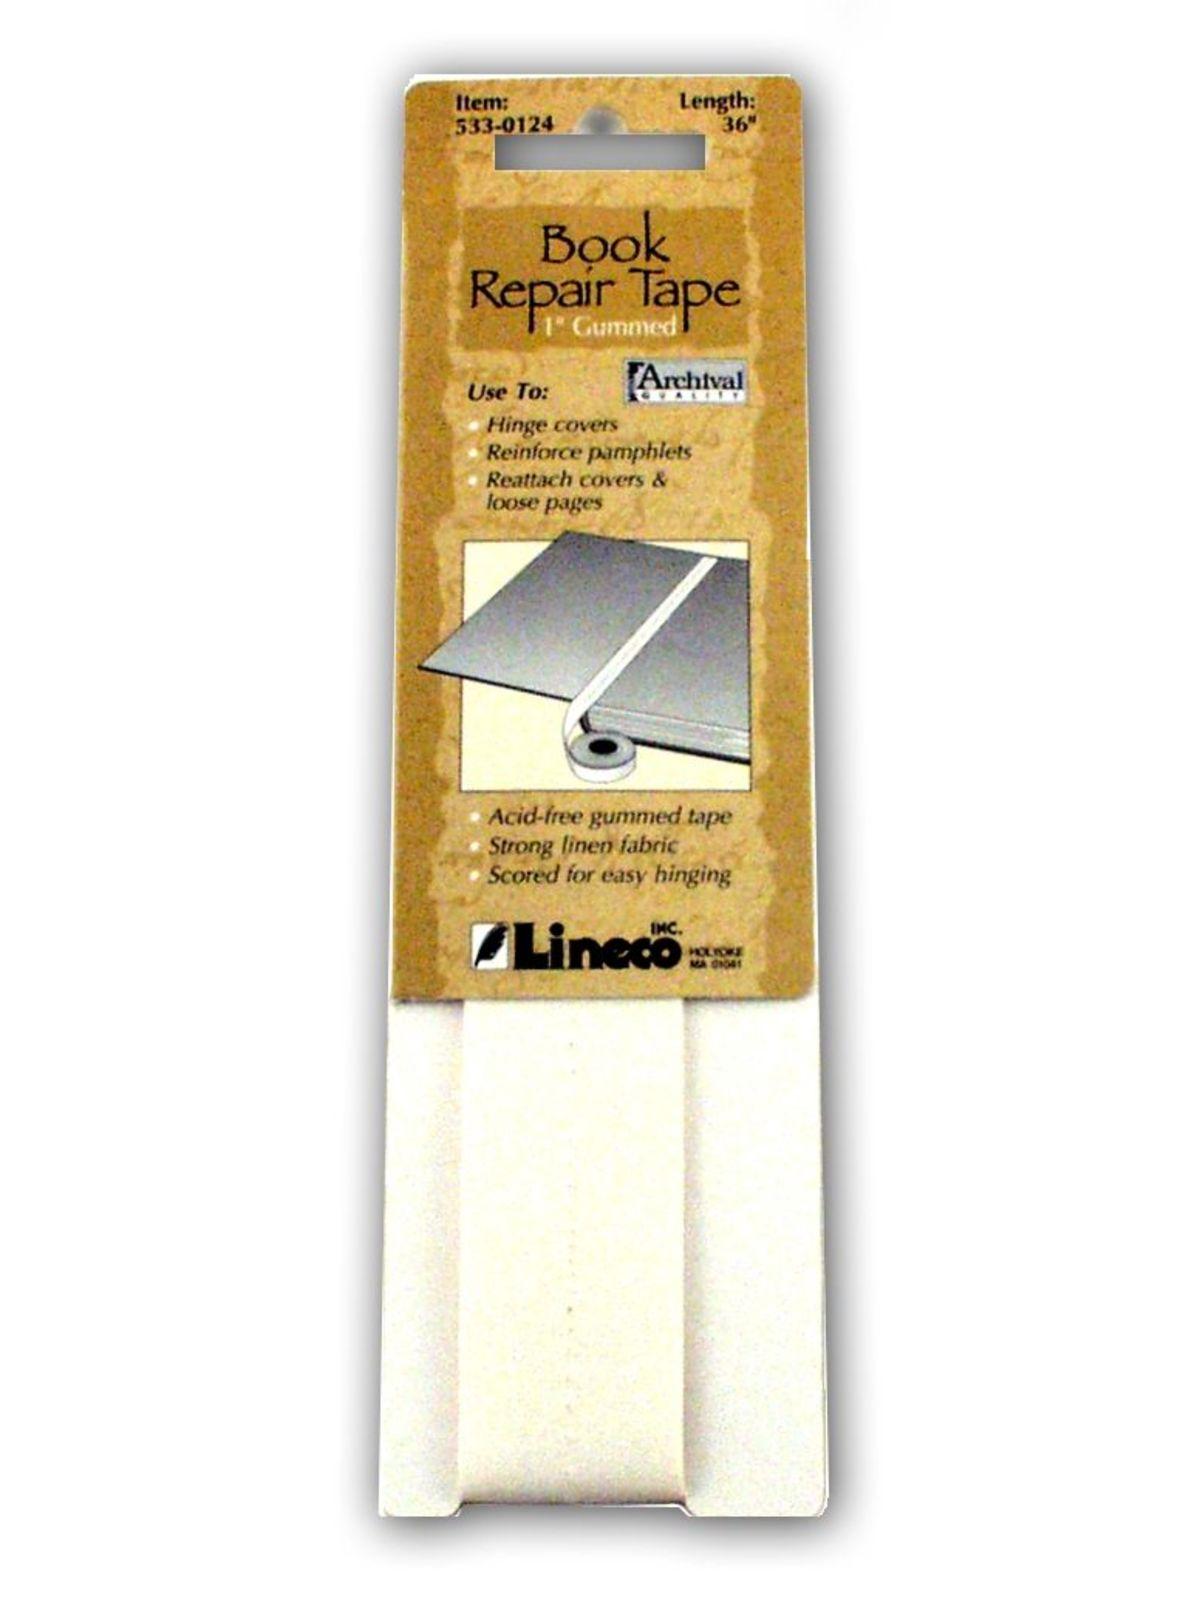 Gummed Book Repair Tape